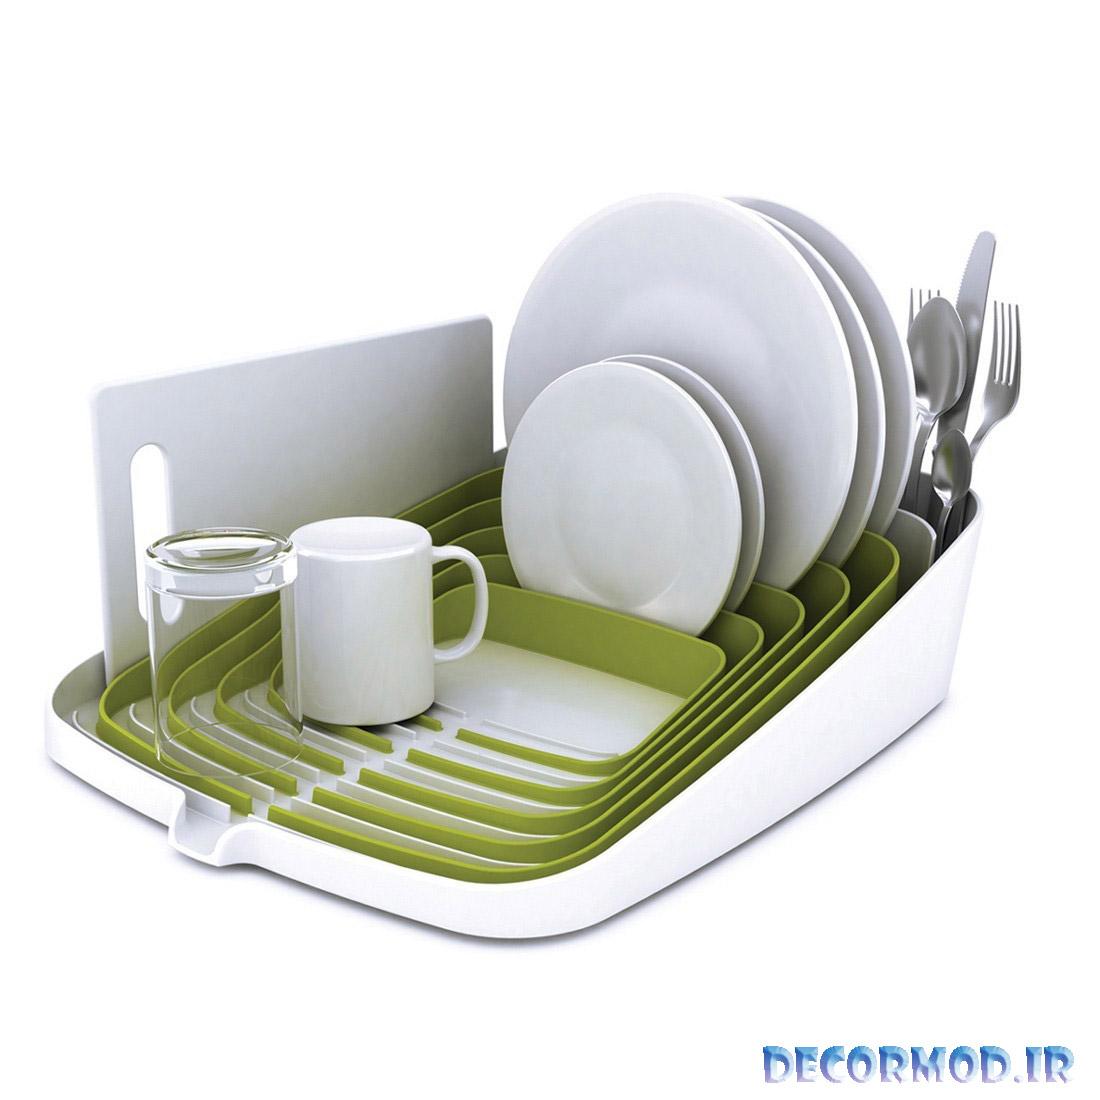 ظروف آشپزخانه یونیک 9